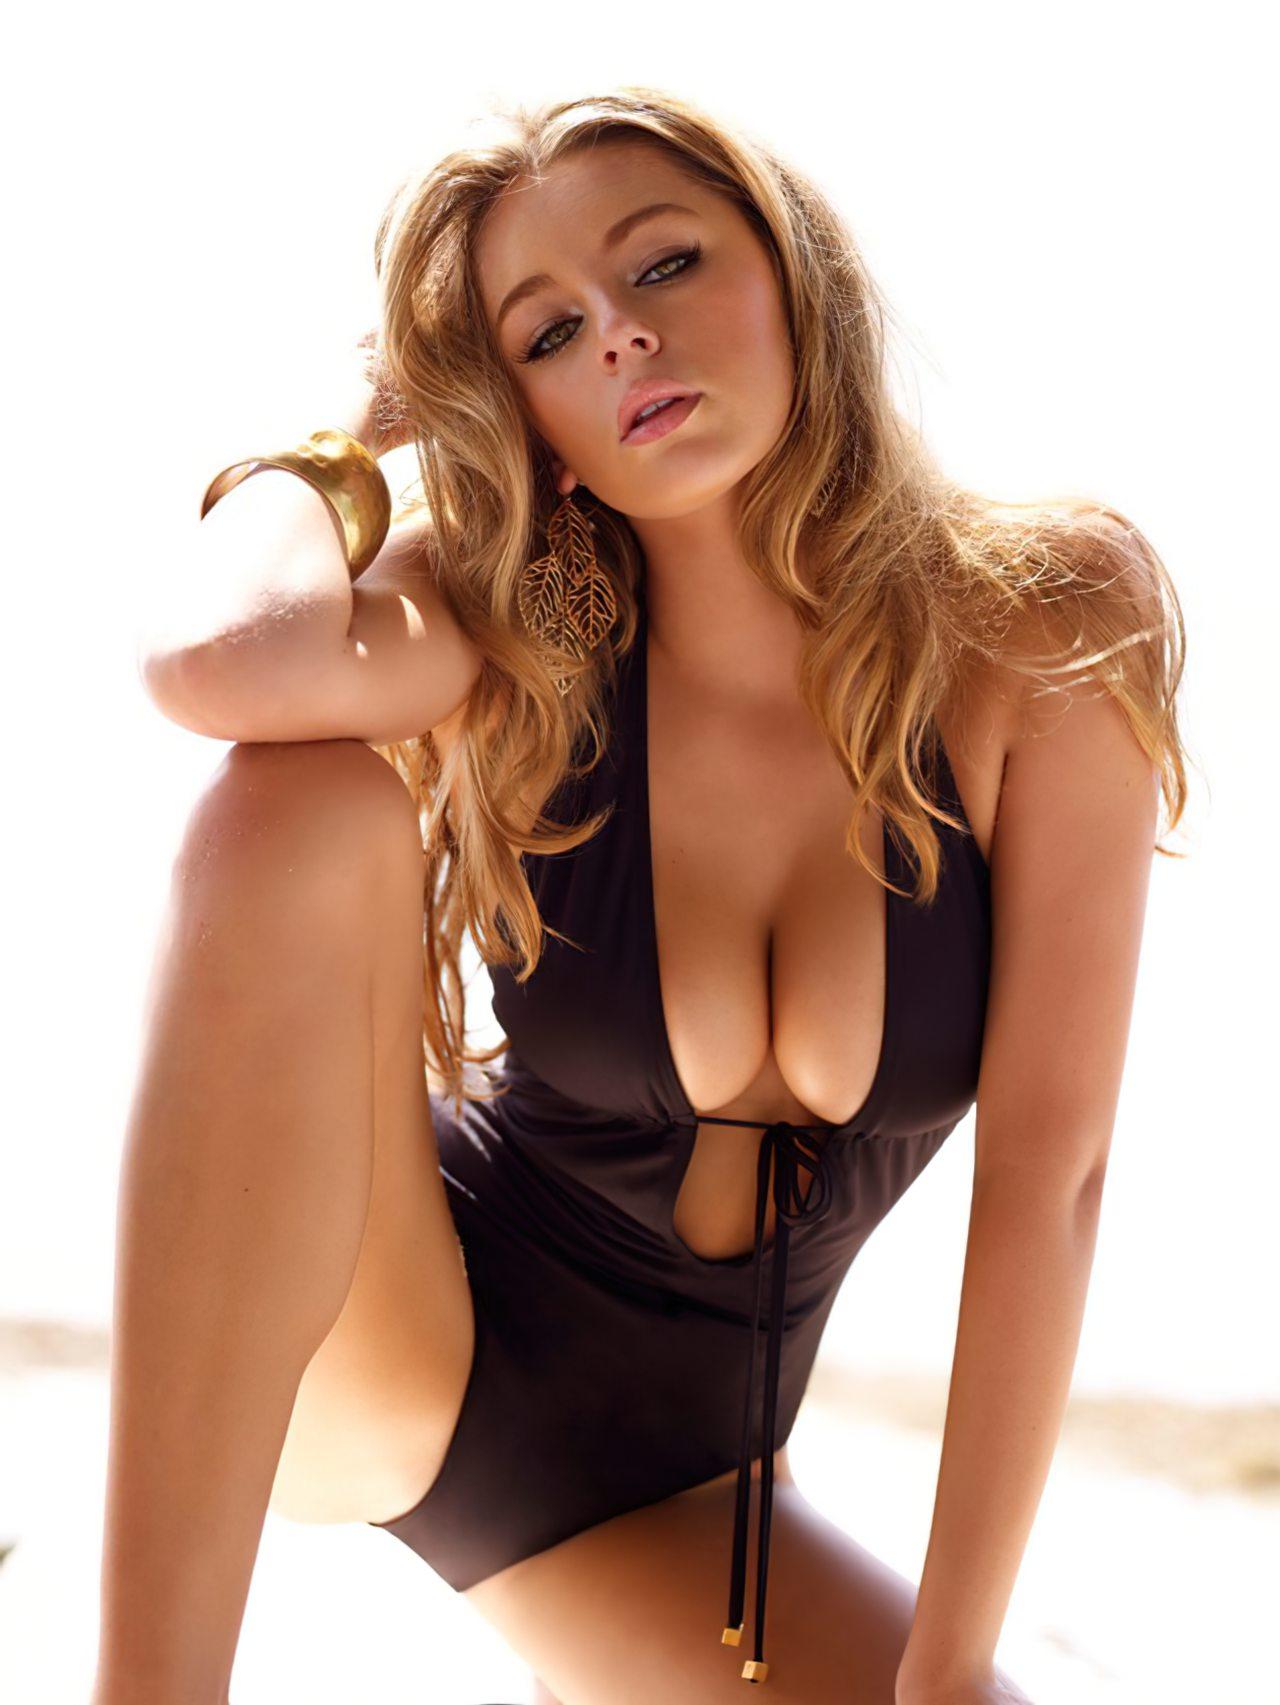 Kelley Hazell